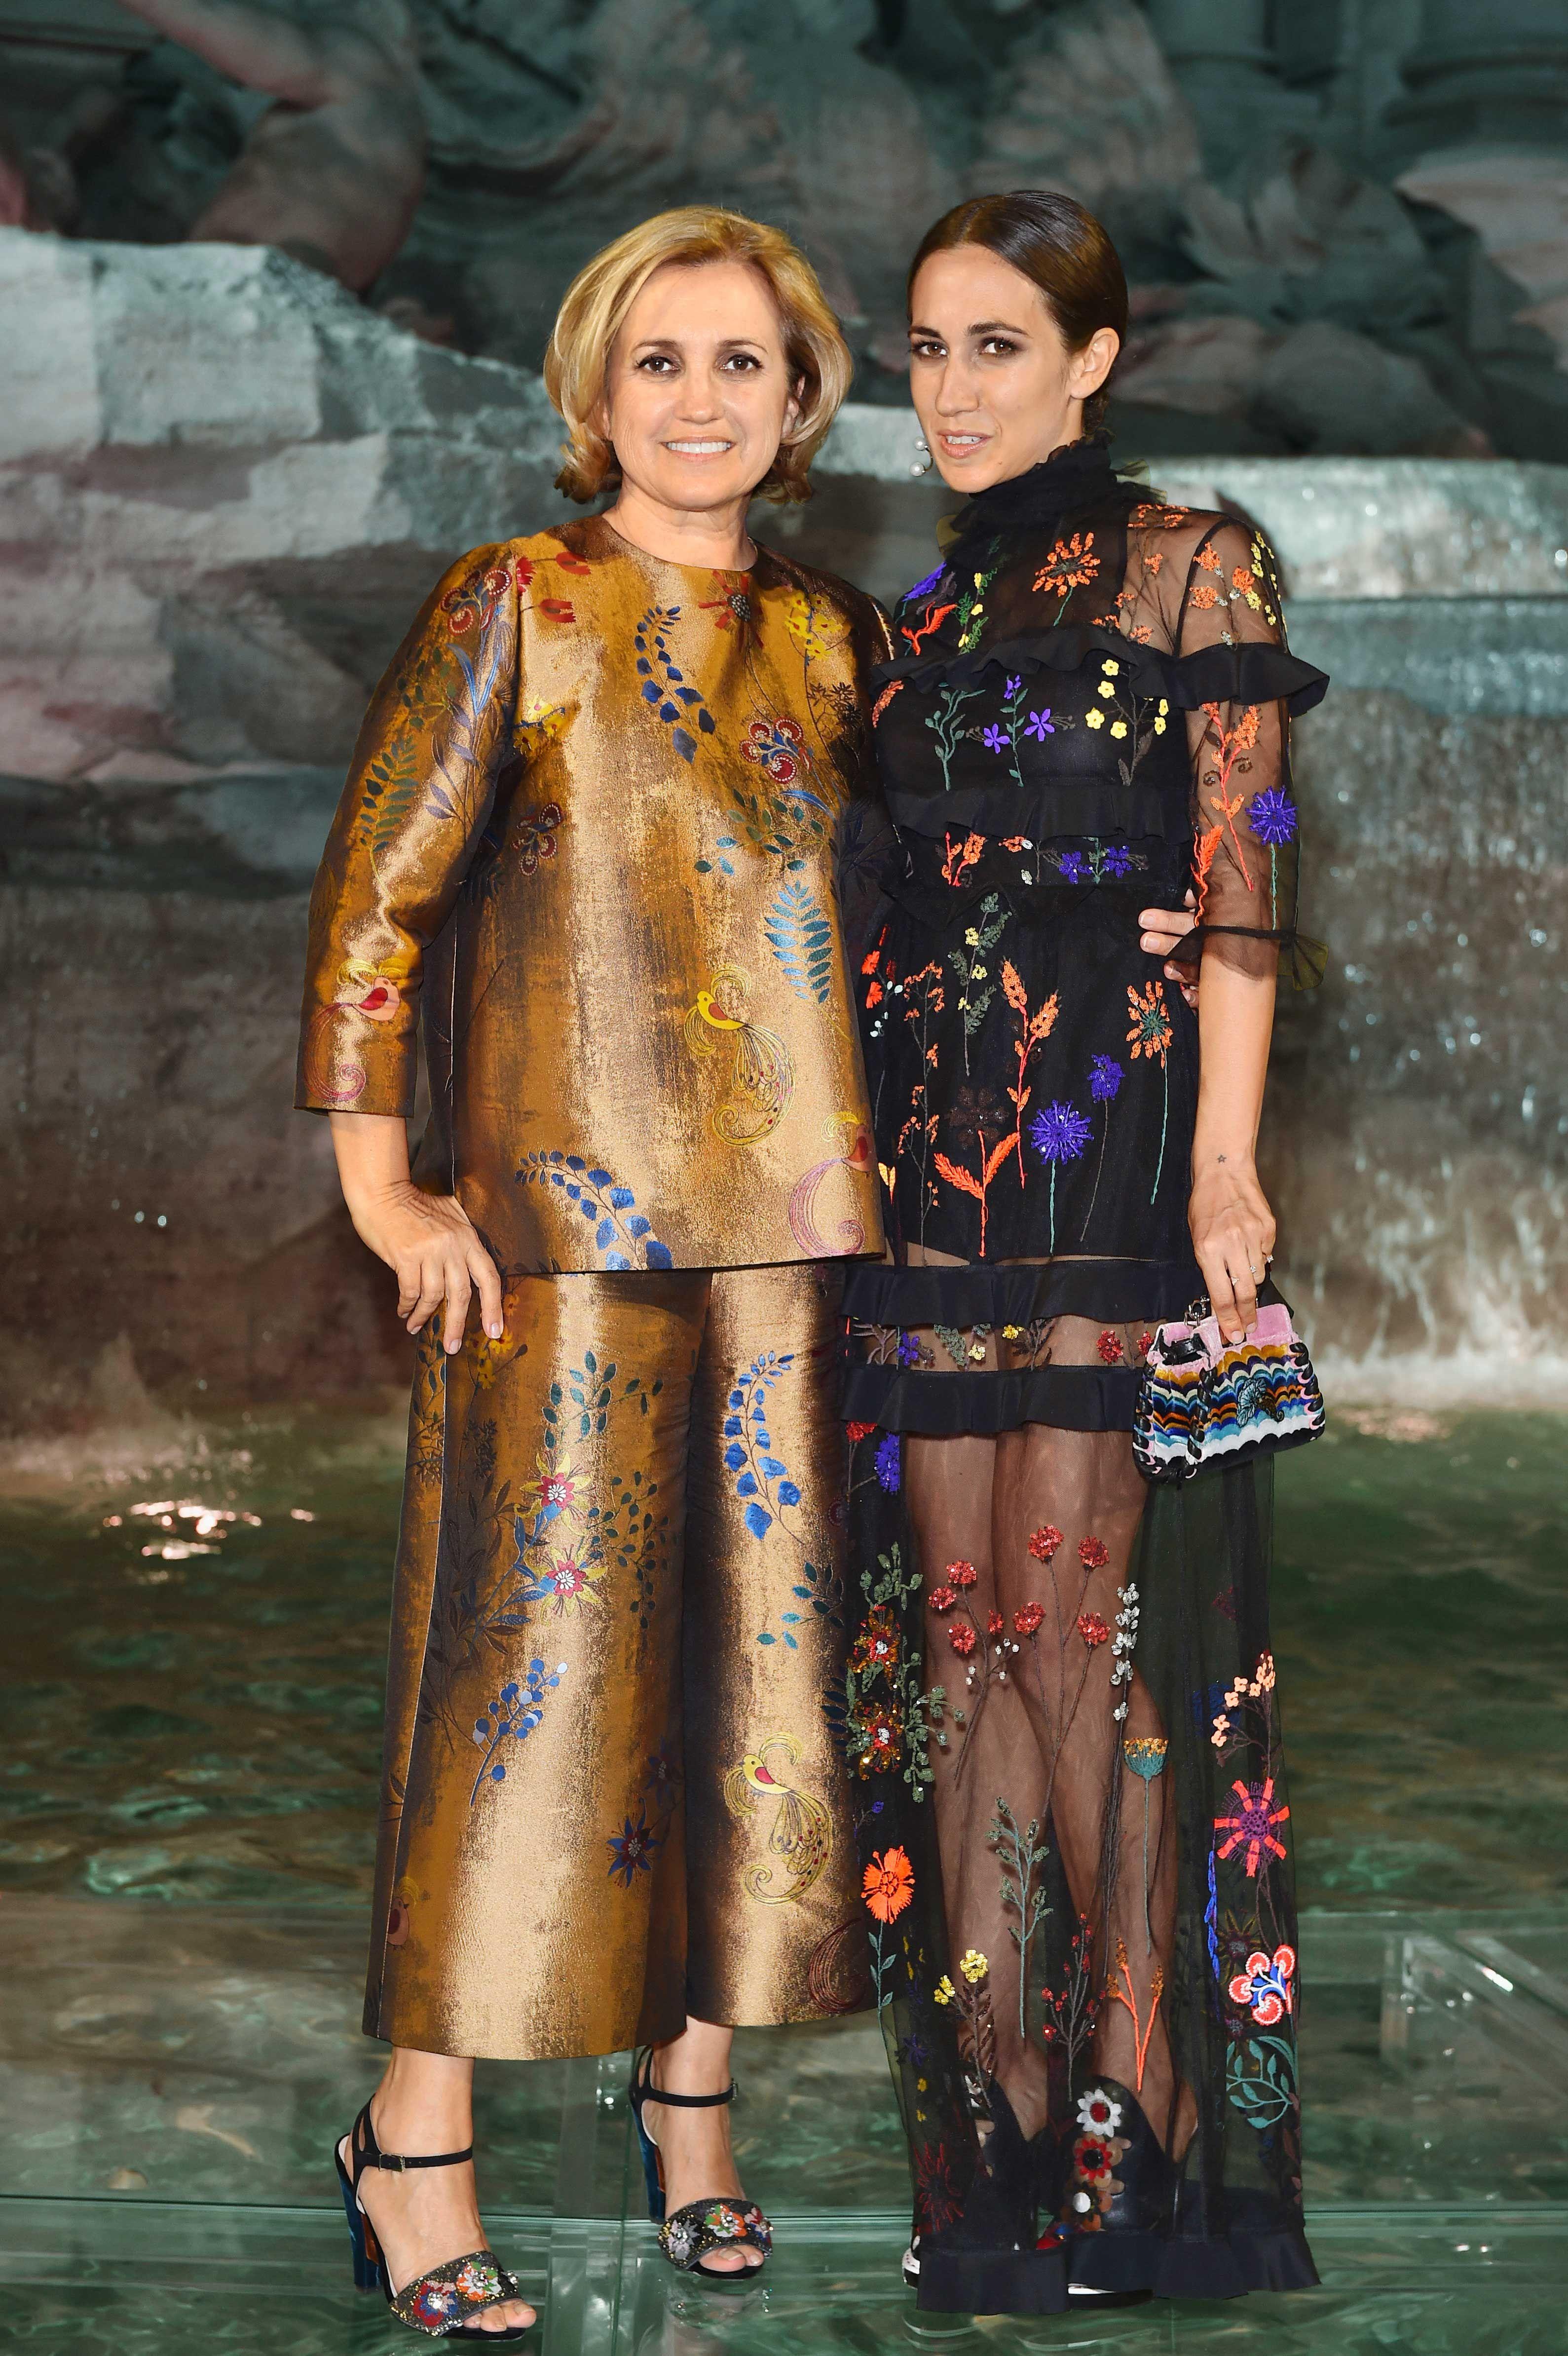 Silvia Venturini Fendi And Her Daughter Delfina Delettrez Collaborate On A Collection Of Watches